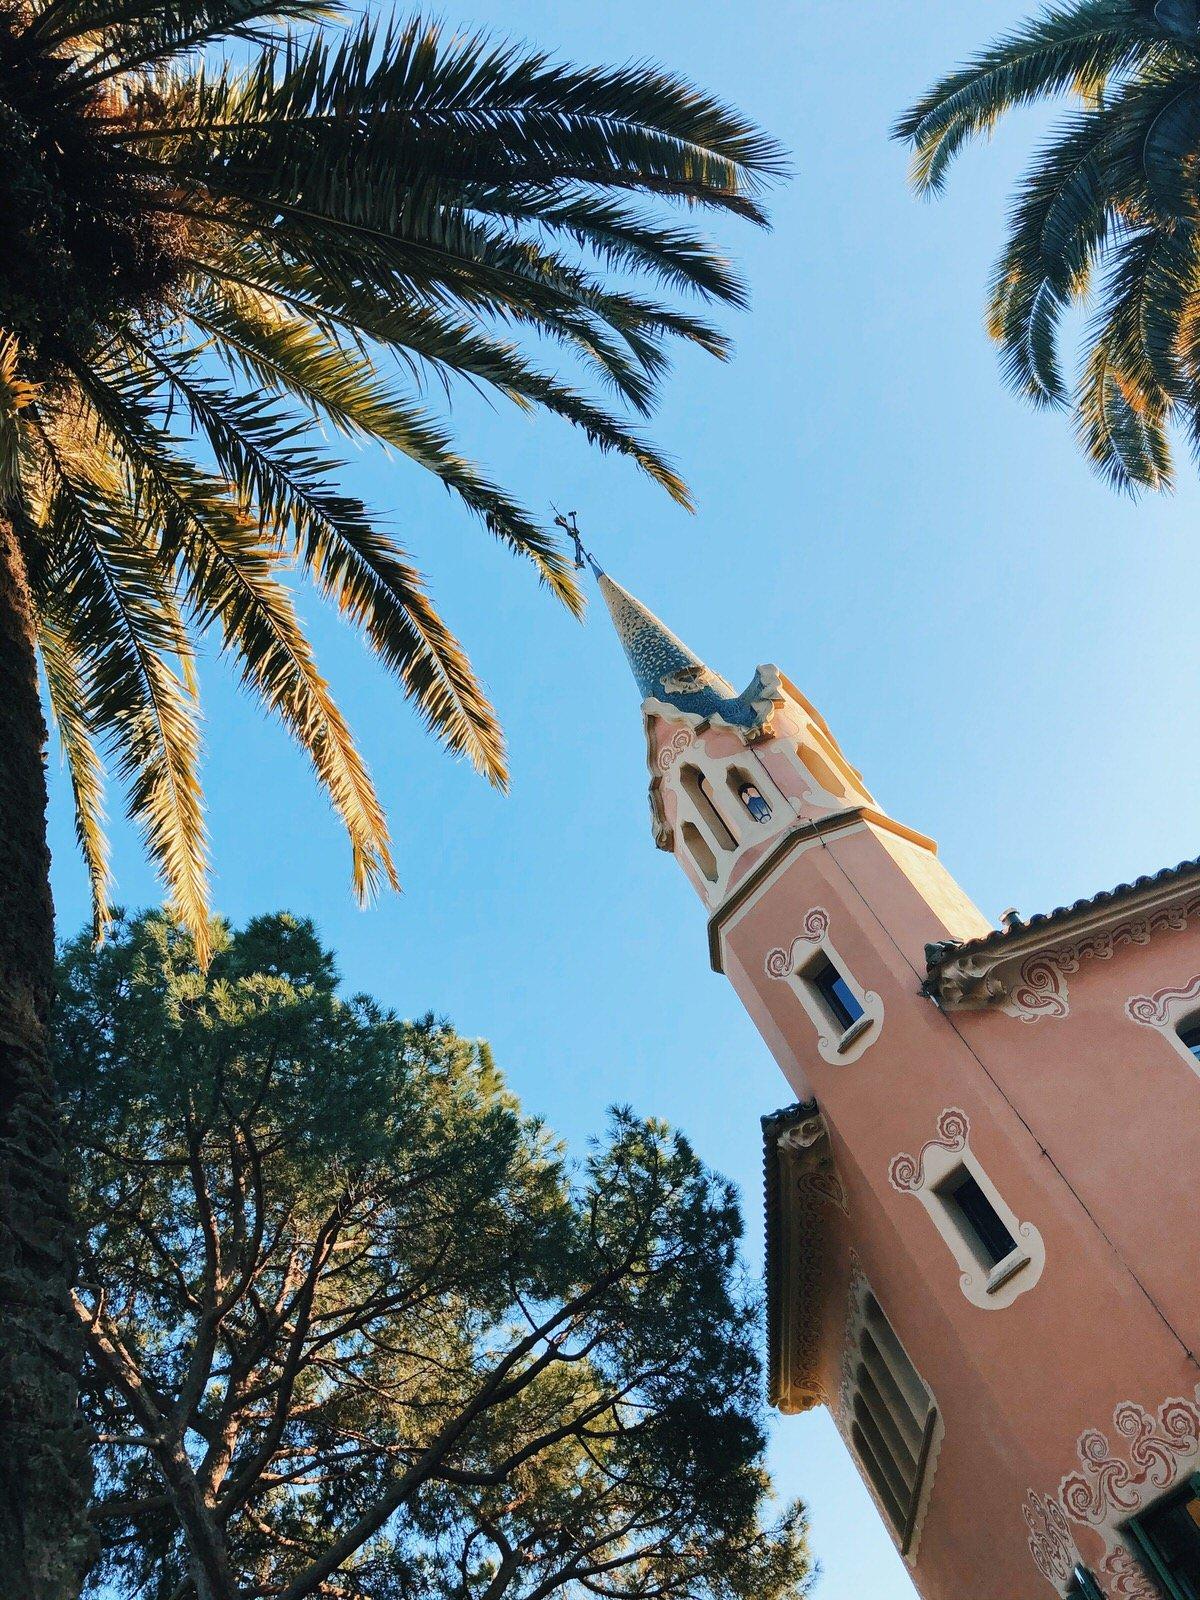 Barcellona Dall'alto - Kiwi The Explorer